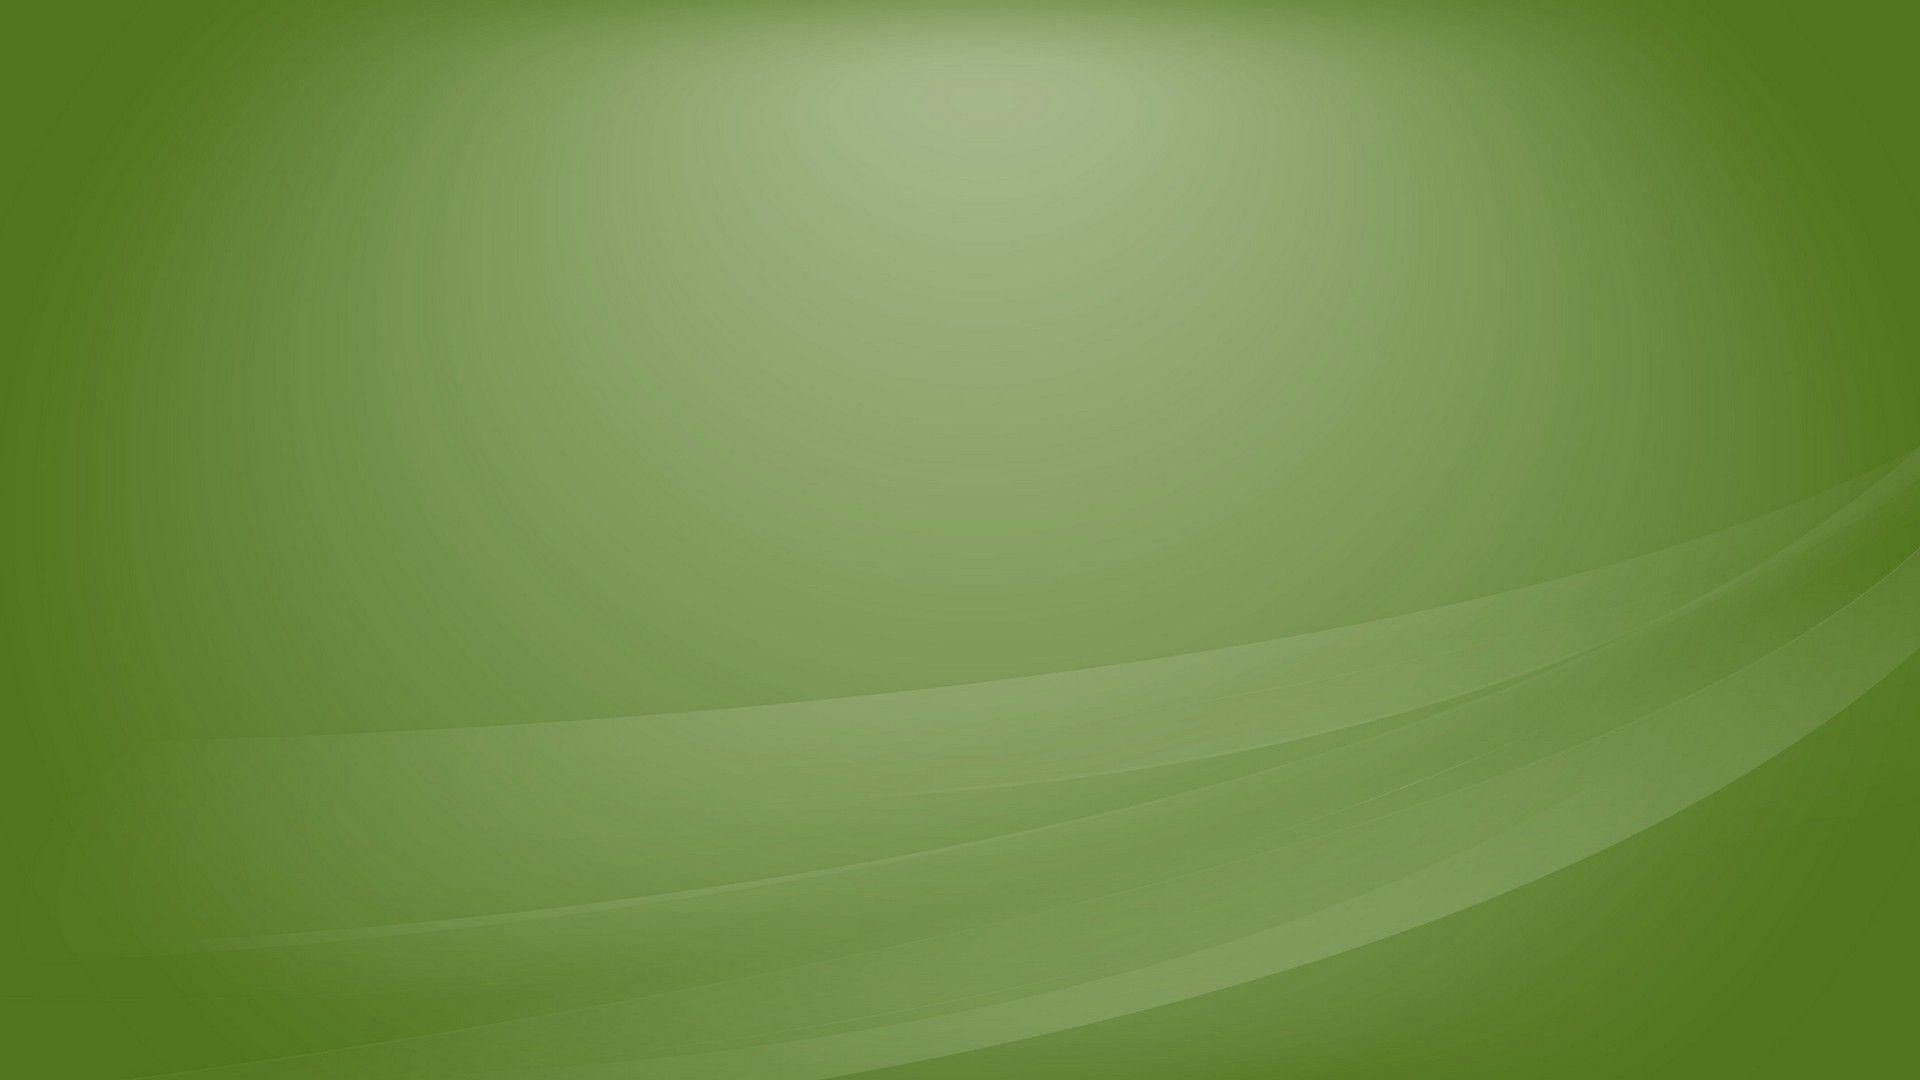 Mint Green beautiful wallpaper